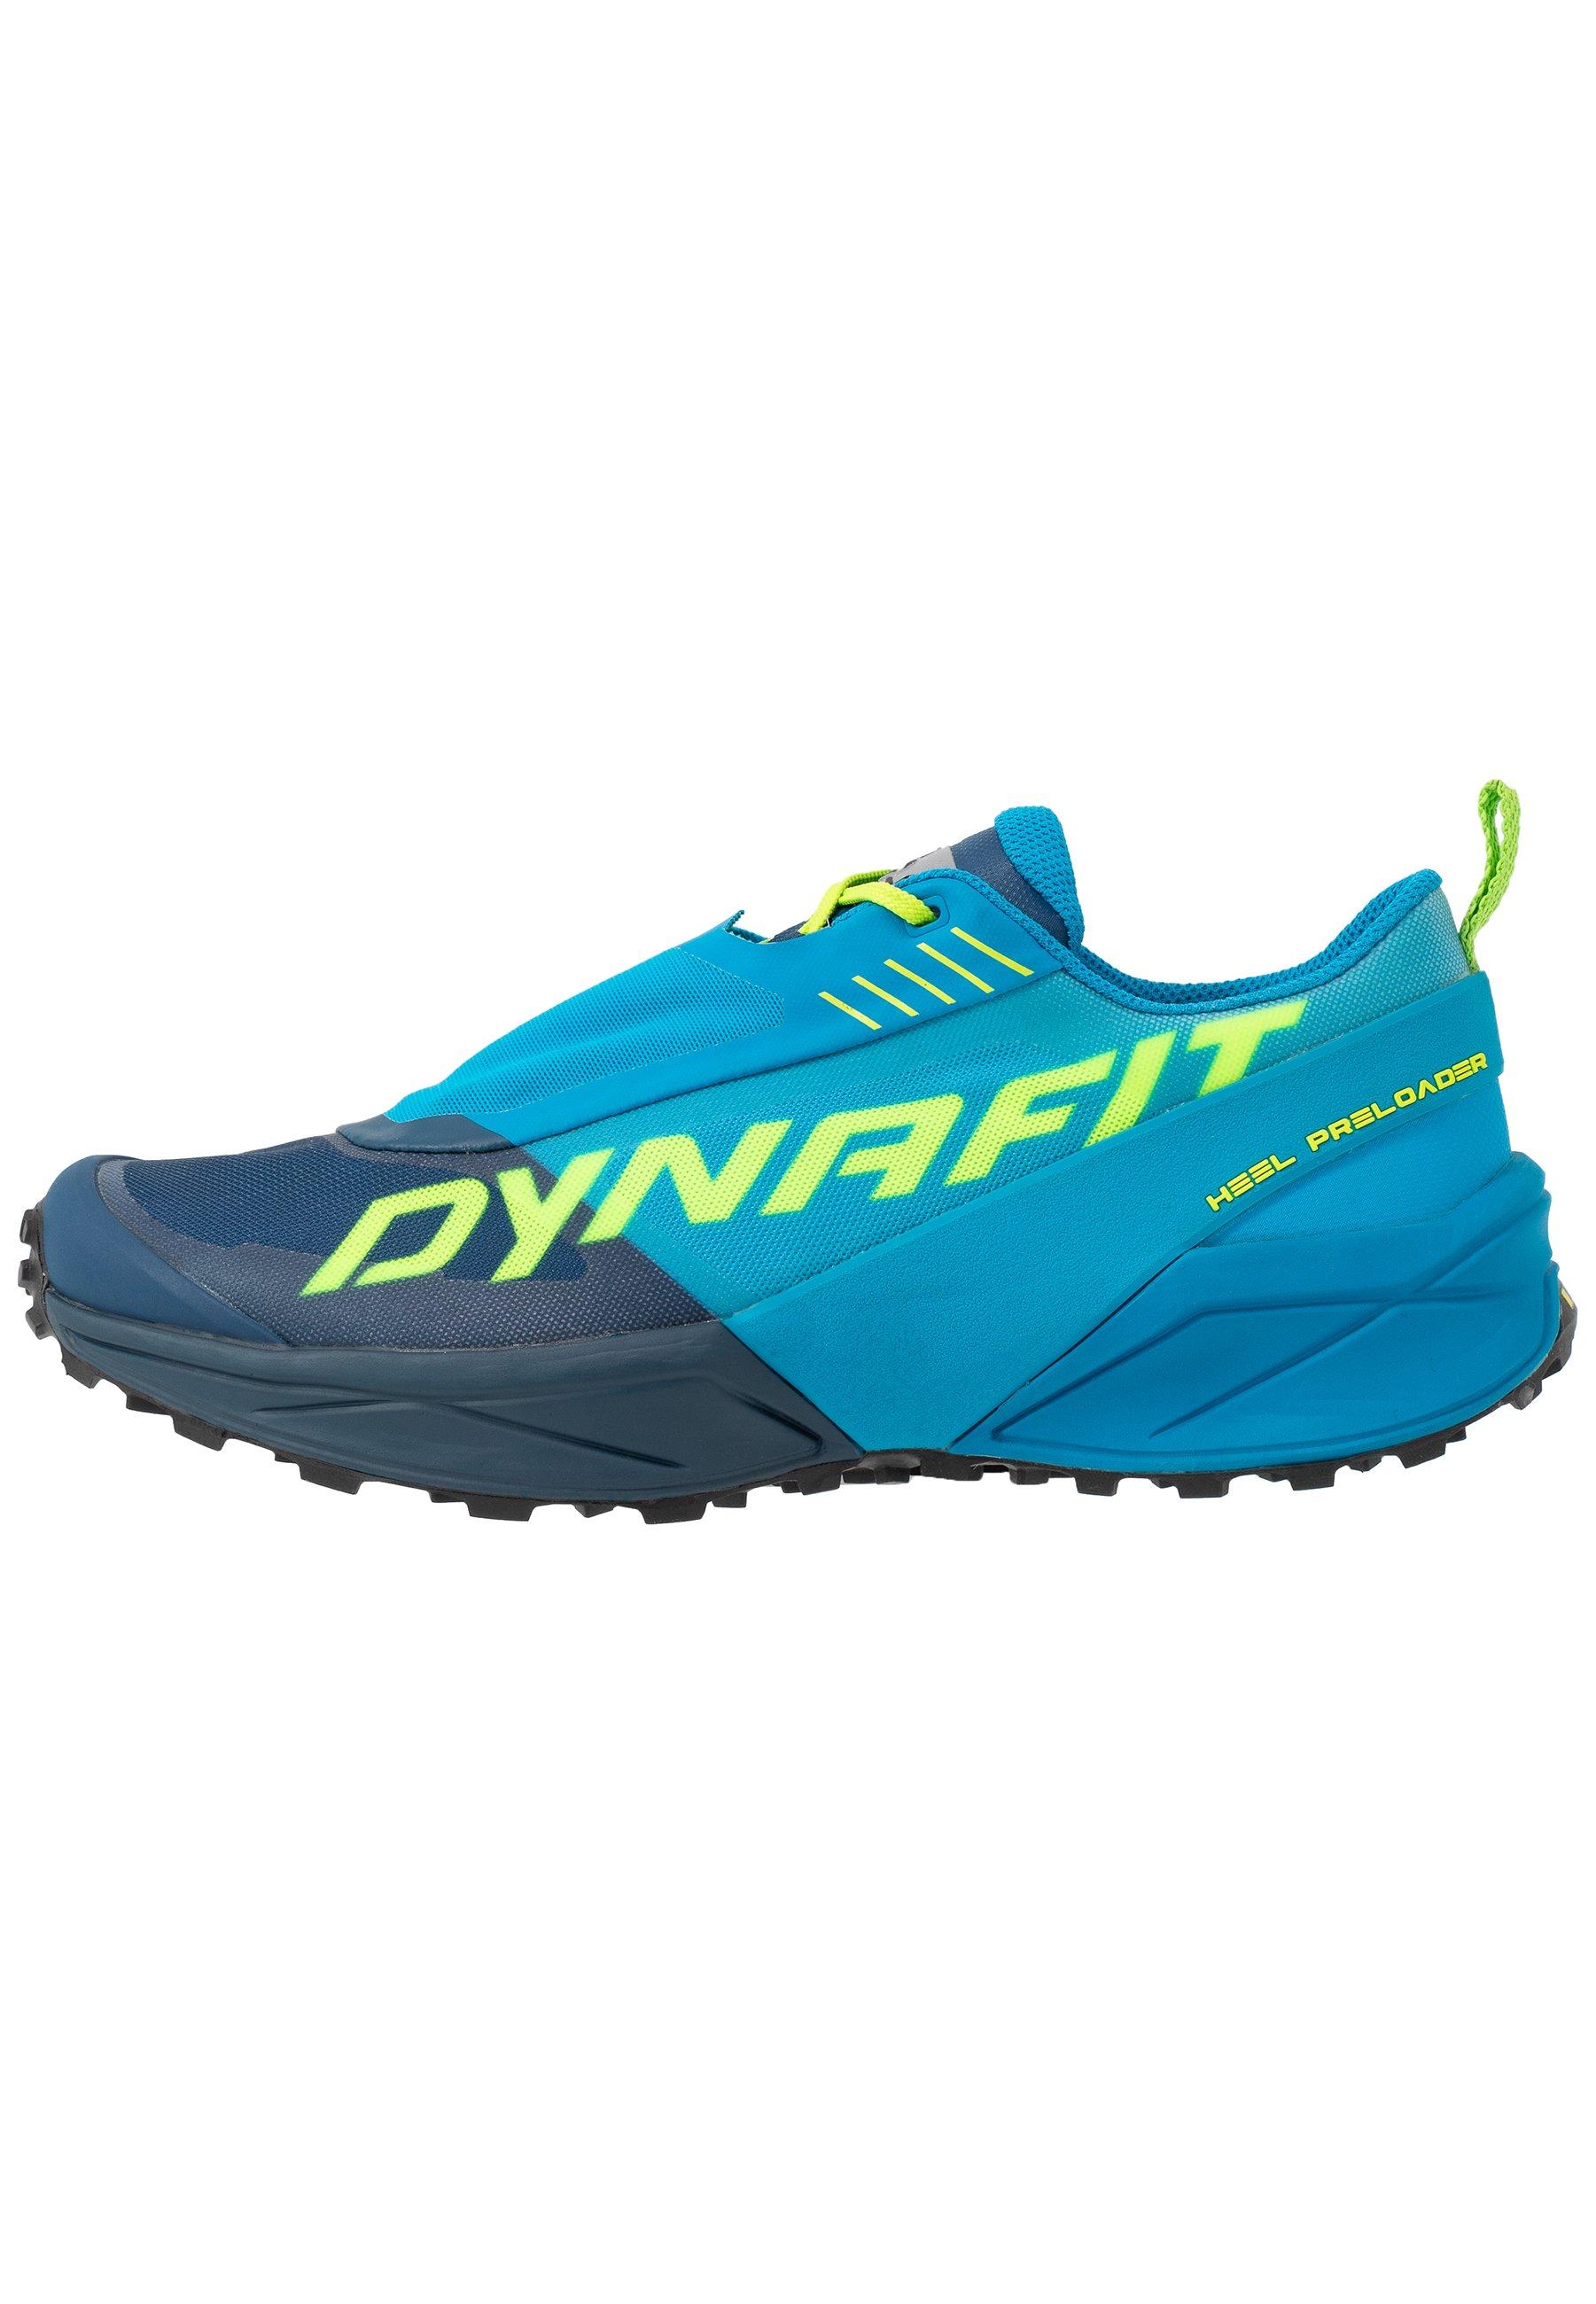 Dynafit Ultra 100 - Løpesko For Mark Shocking Orange/orion Blue